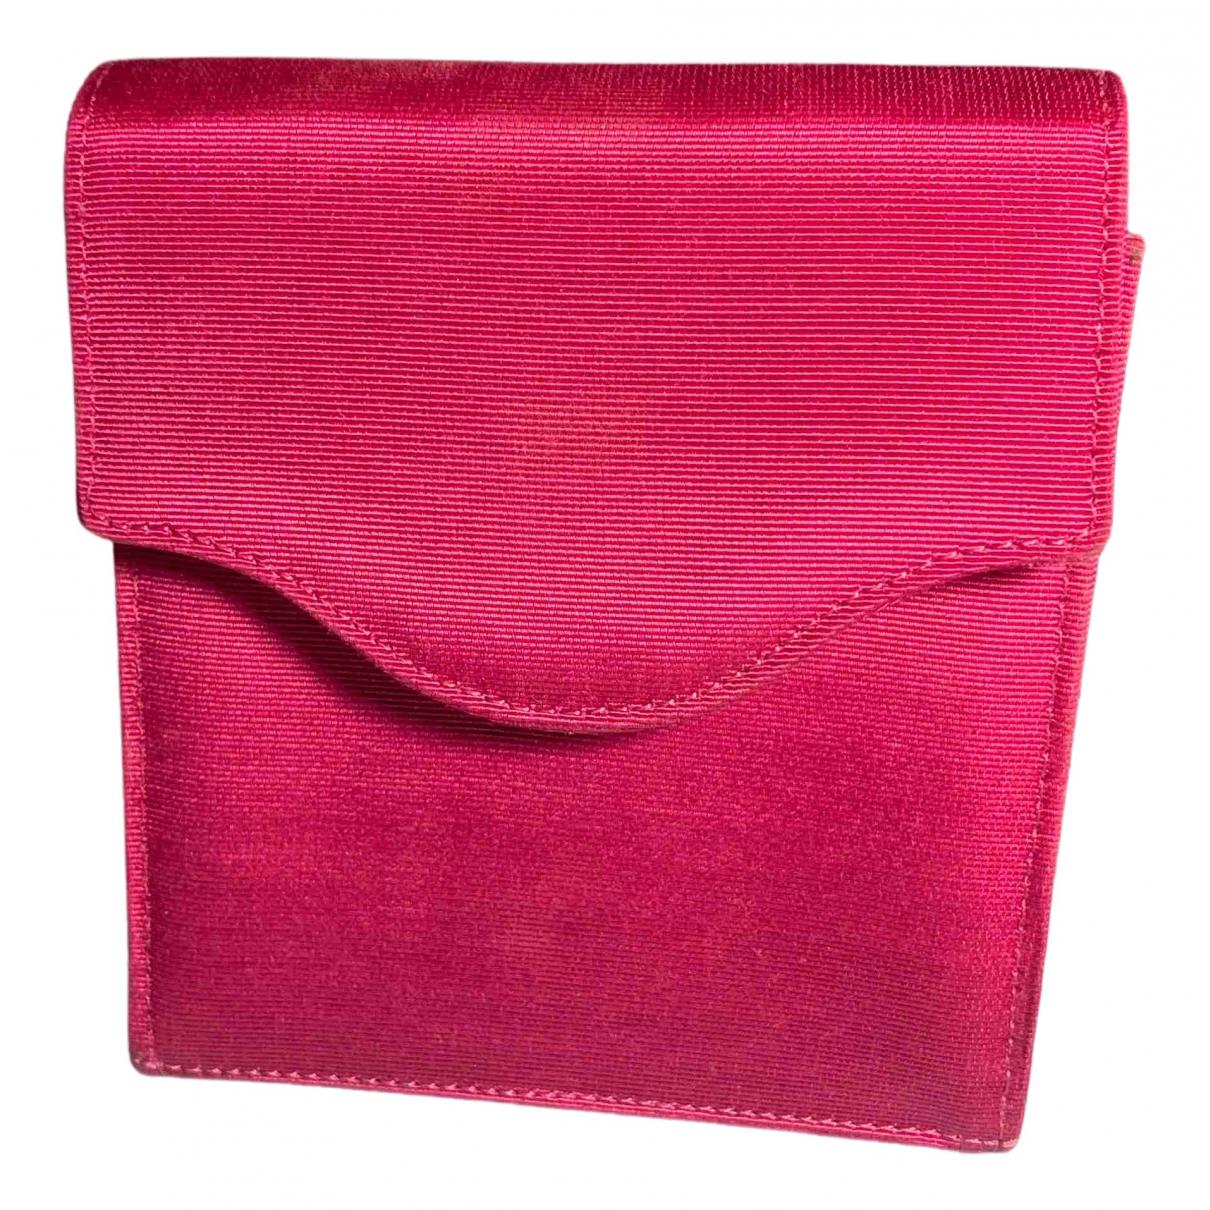 Tiffany & Co N Pink Silk handbag for Women N